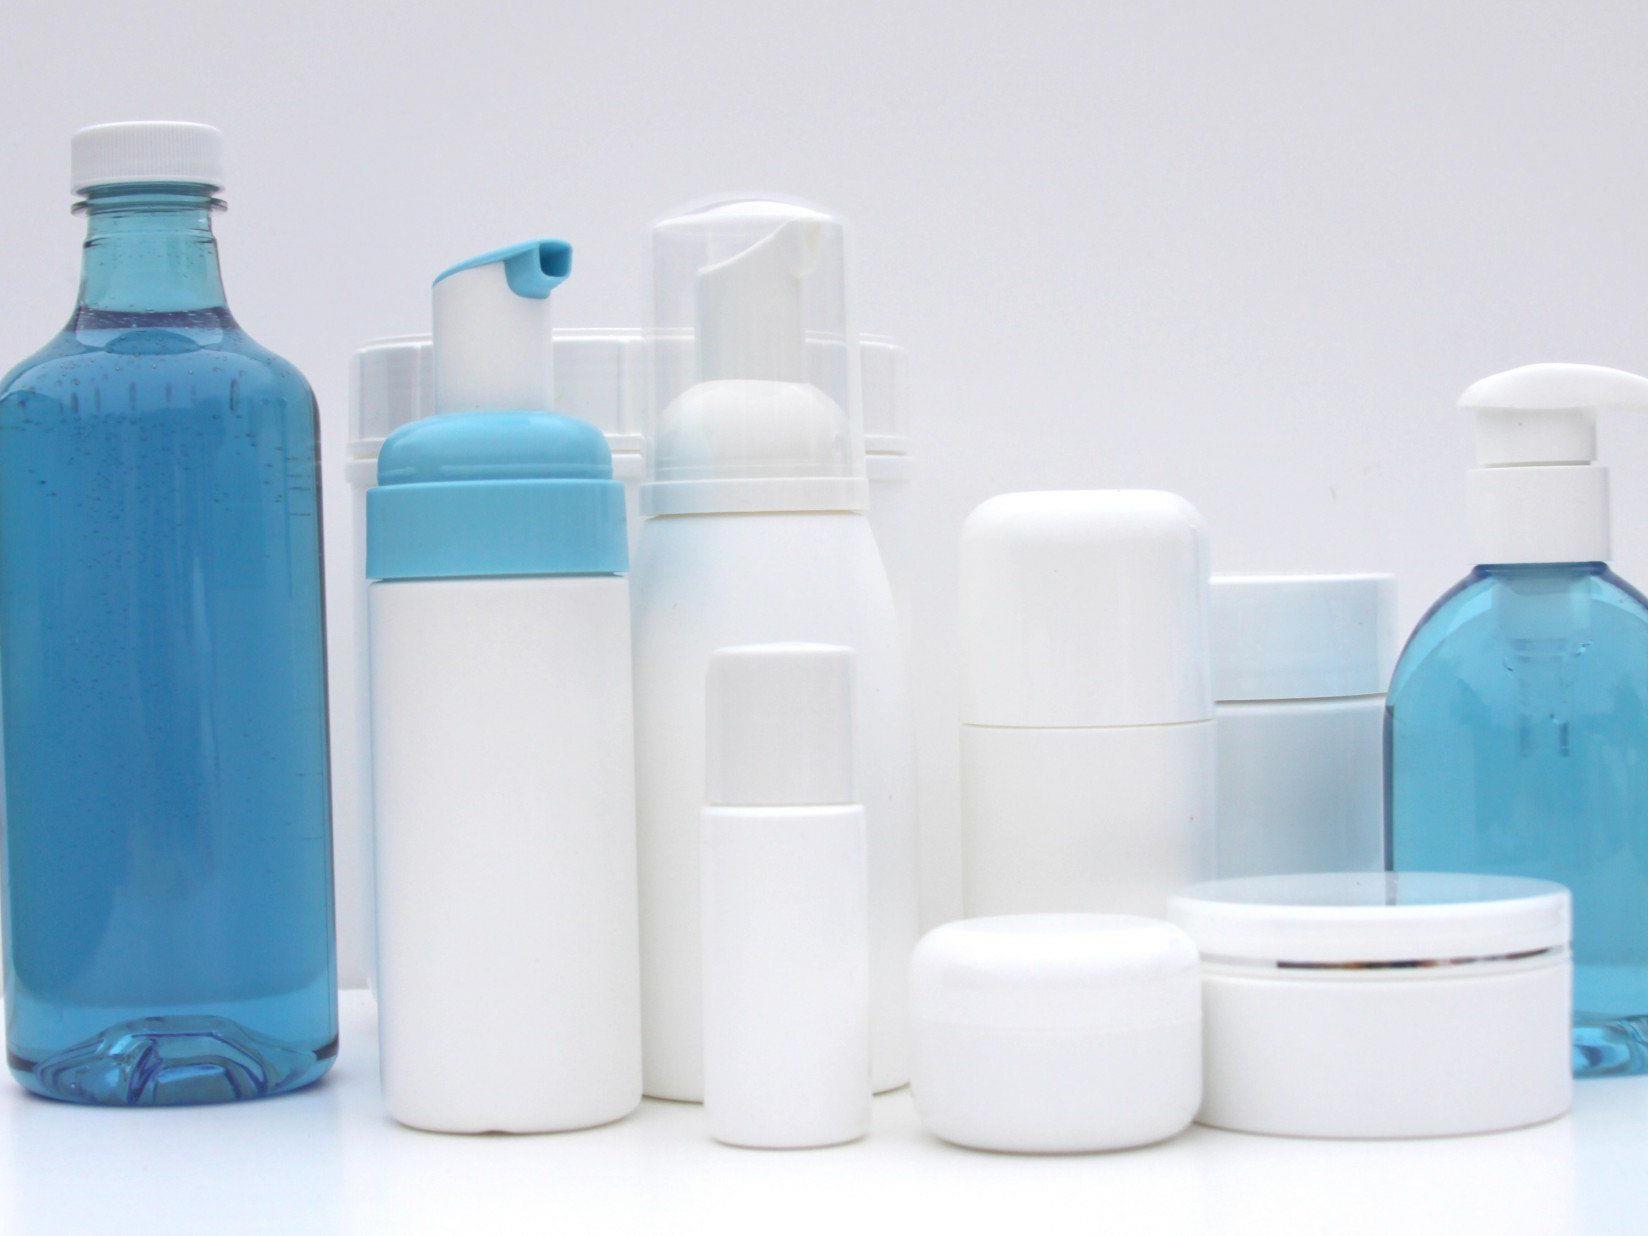 Mikroplastik in Kosmetika: Winzige Plastik-Teilchen gelangen in Gewässer und Nahrungskette